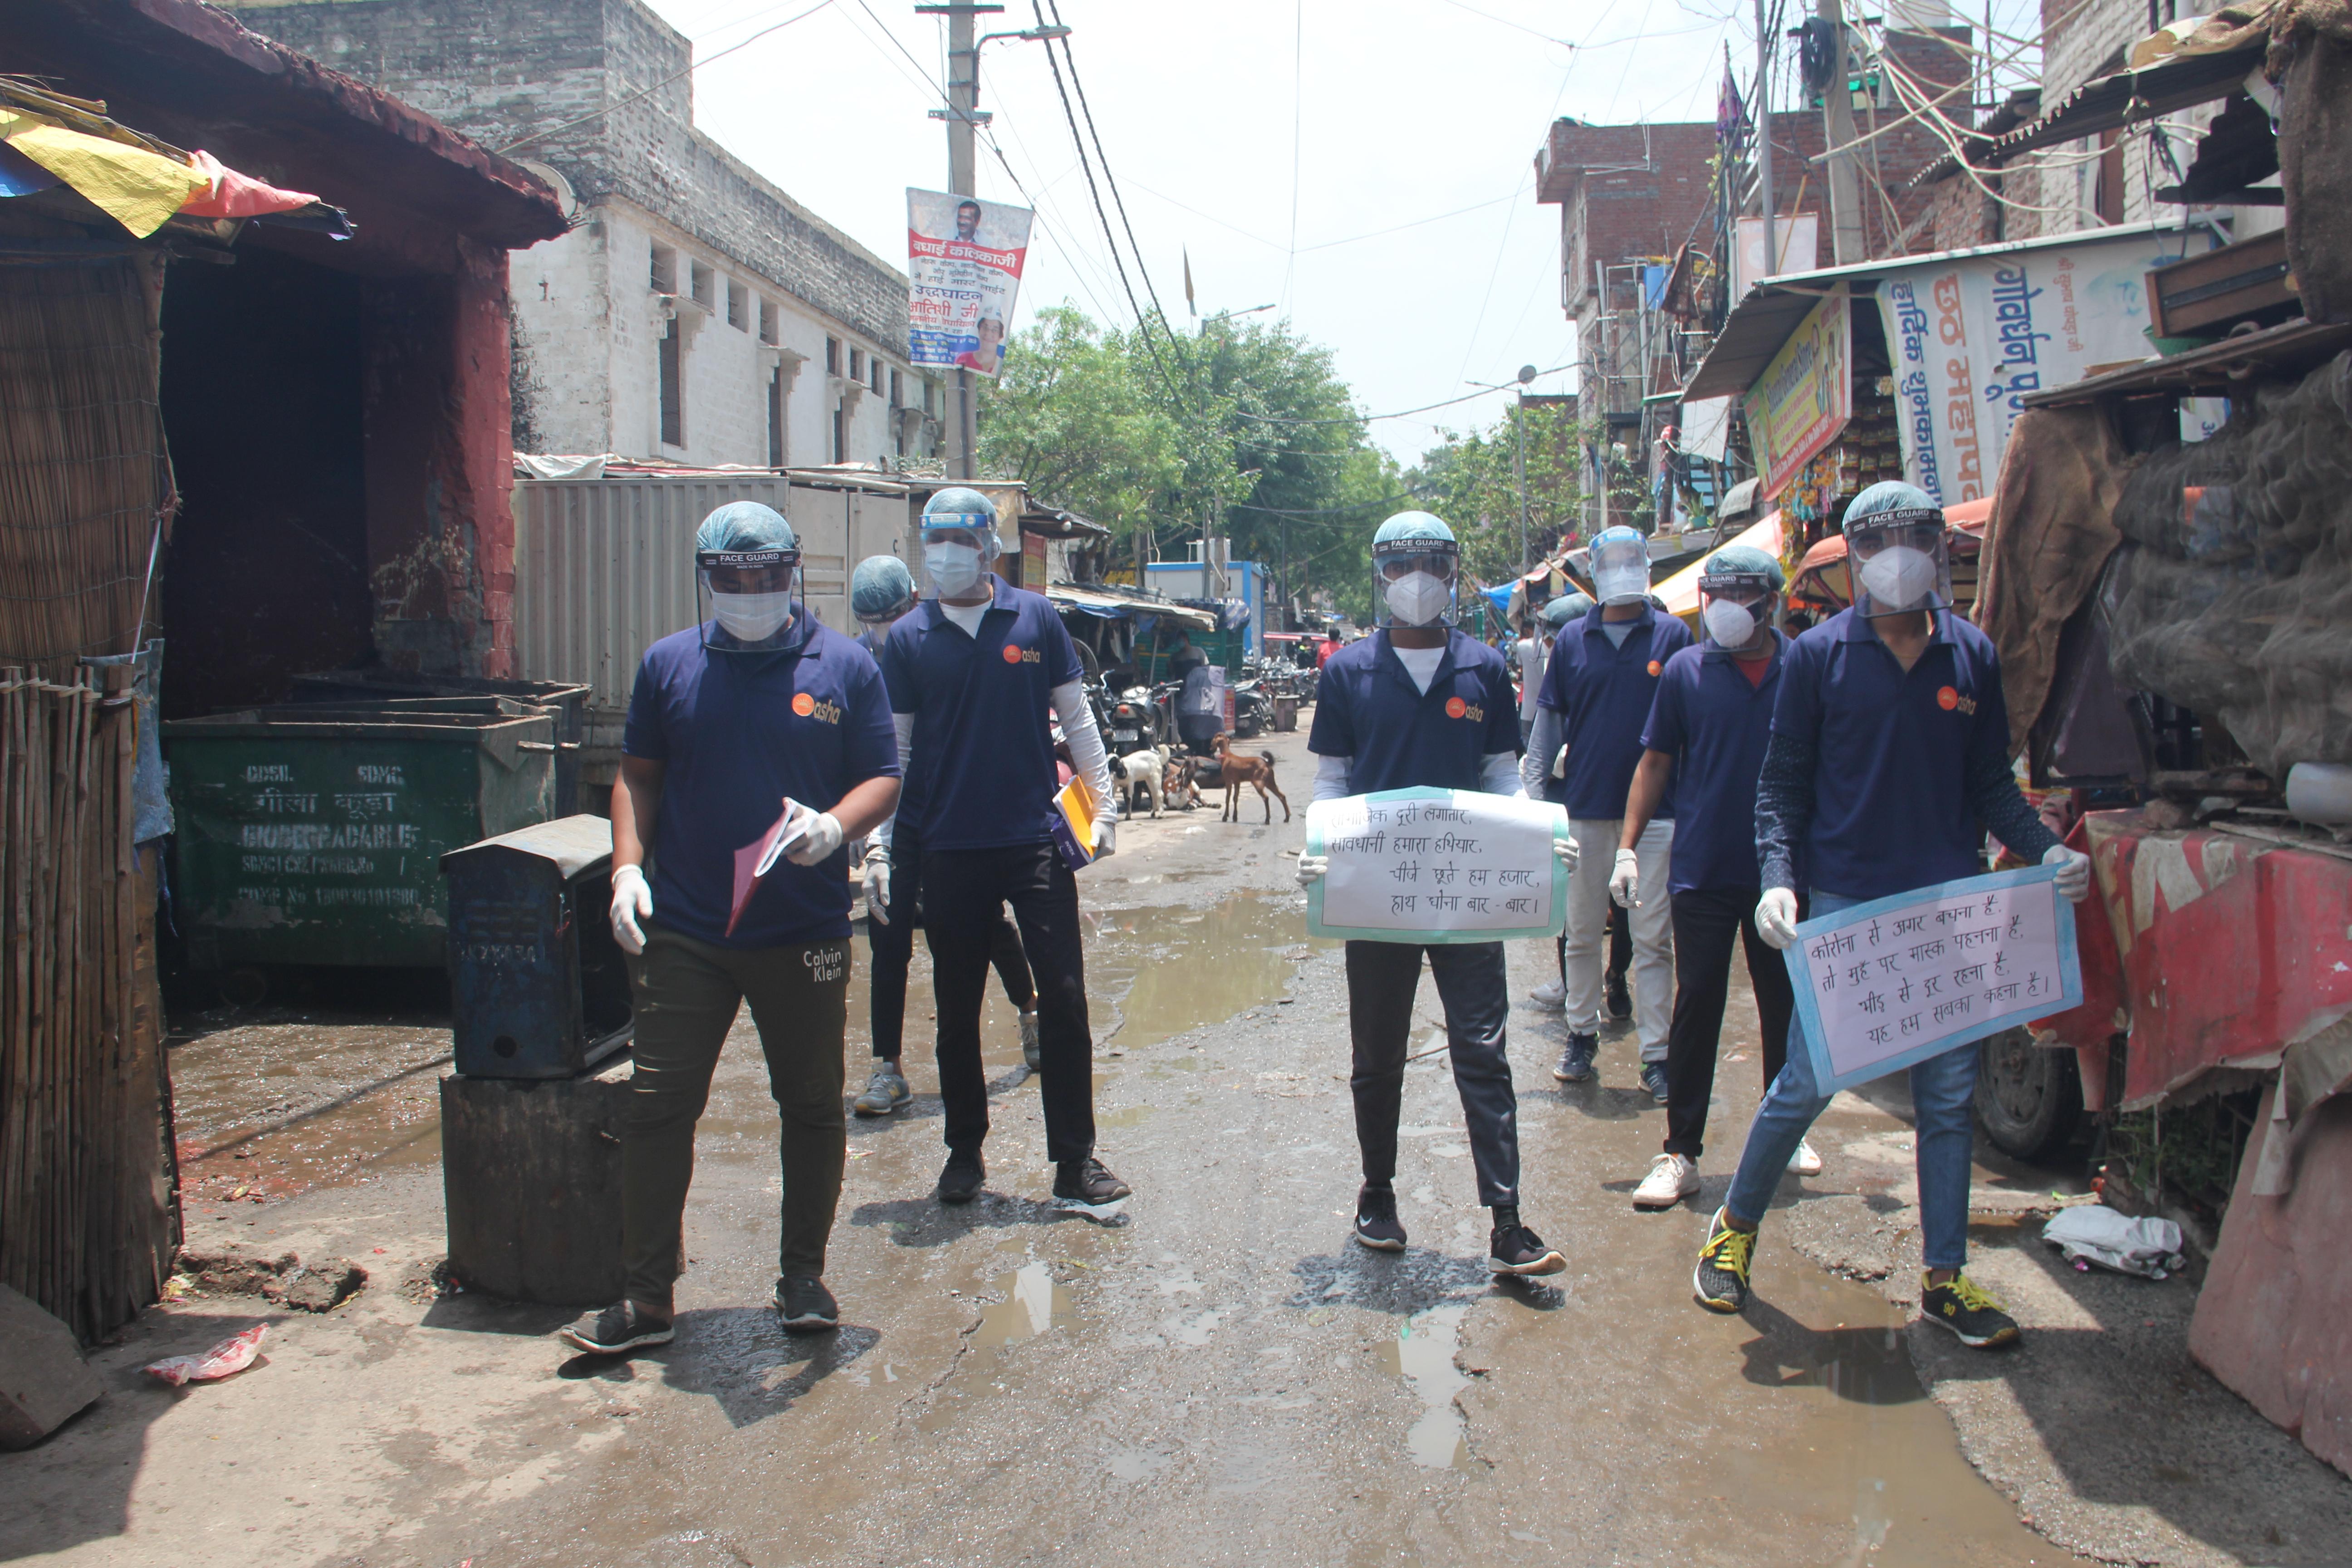 Guerreiros asha com bandeiras em sua comunidade